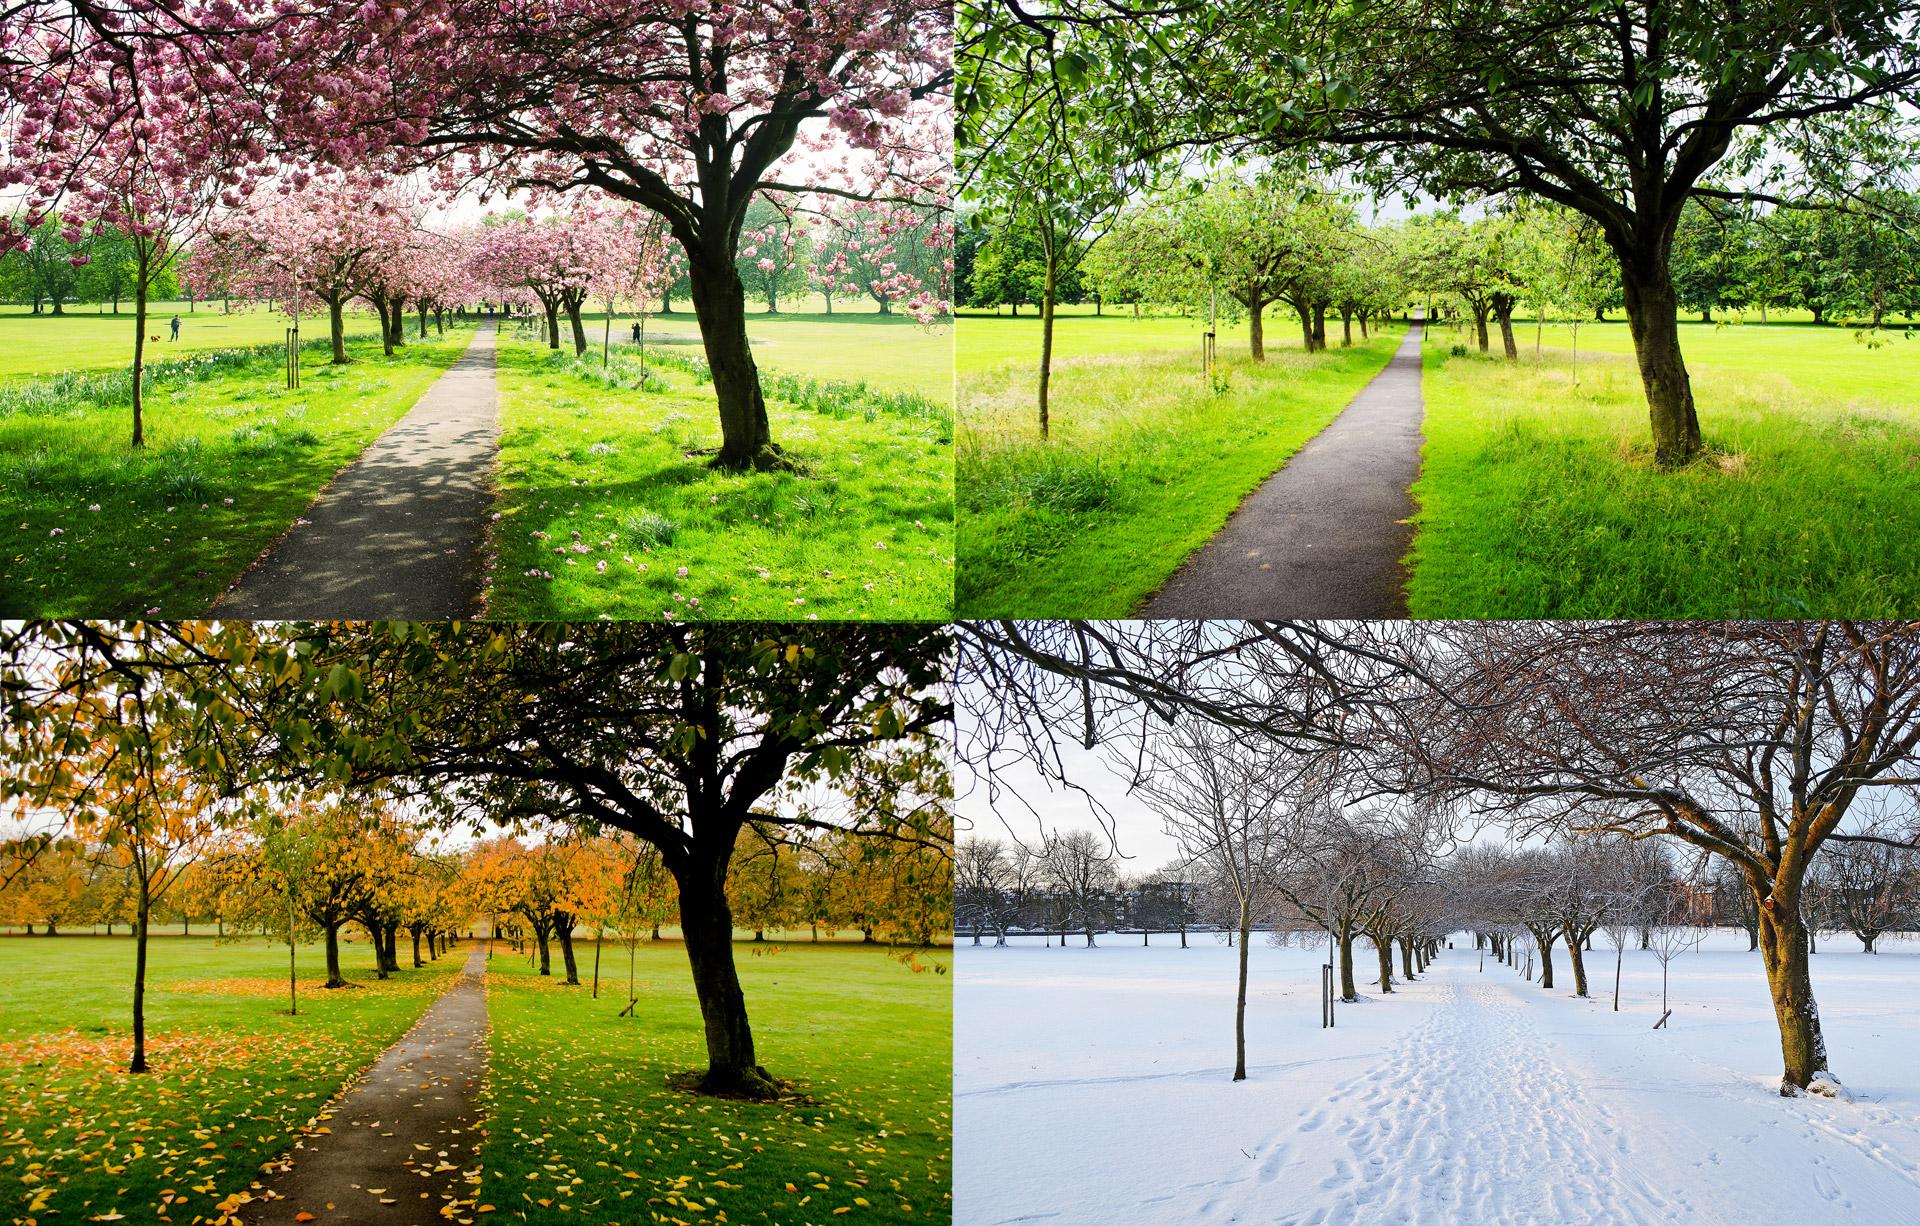 Tree_4 Seasons